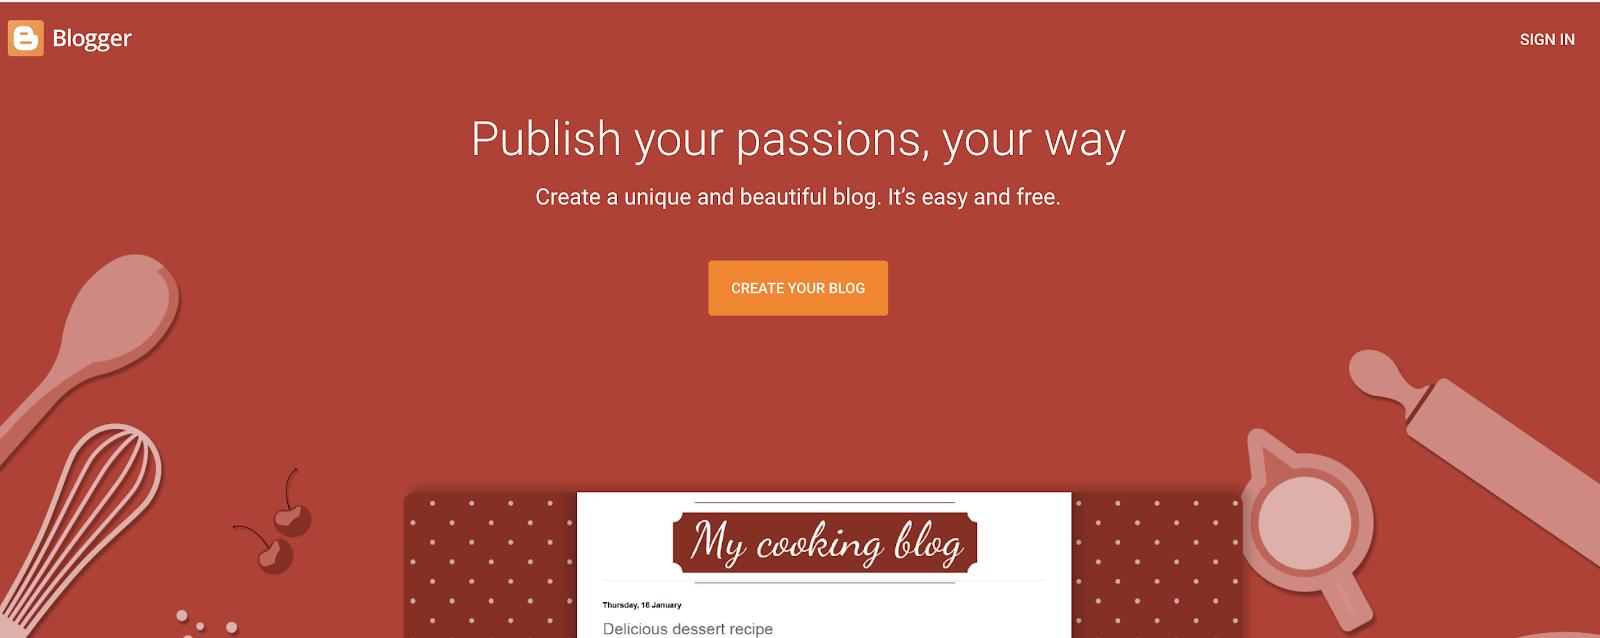 Blogger como un sitio de blog gratuito para usar para crear un blog gratis